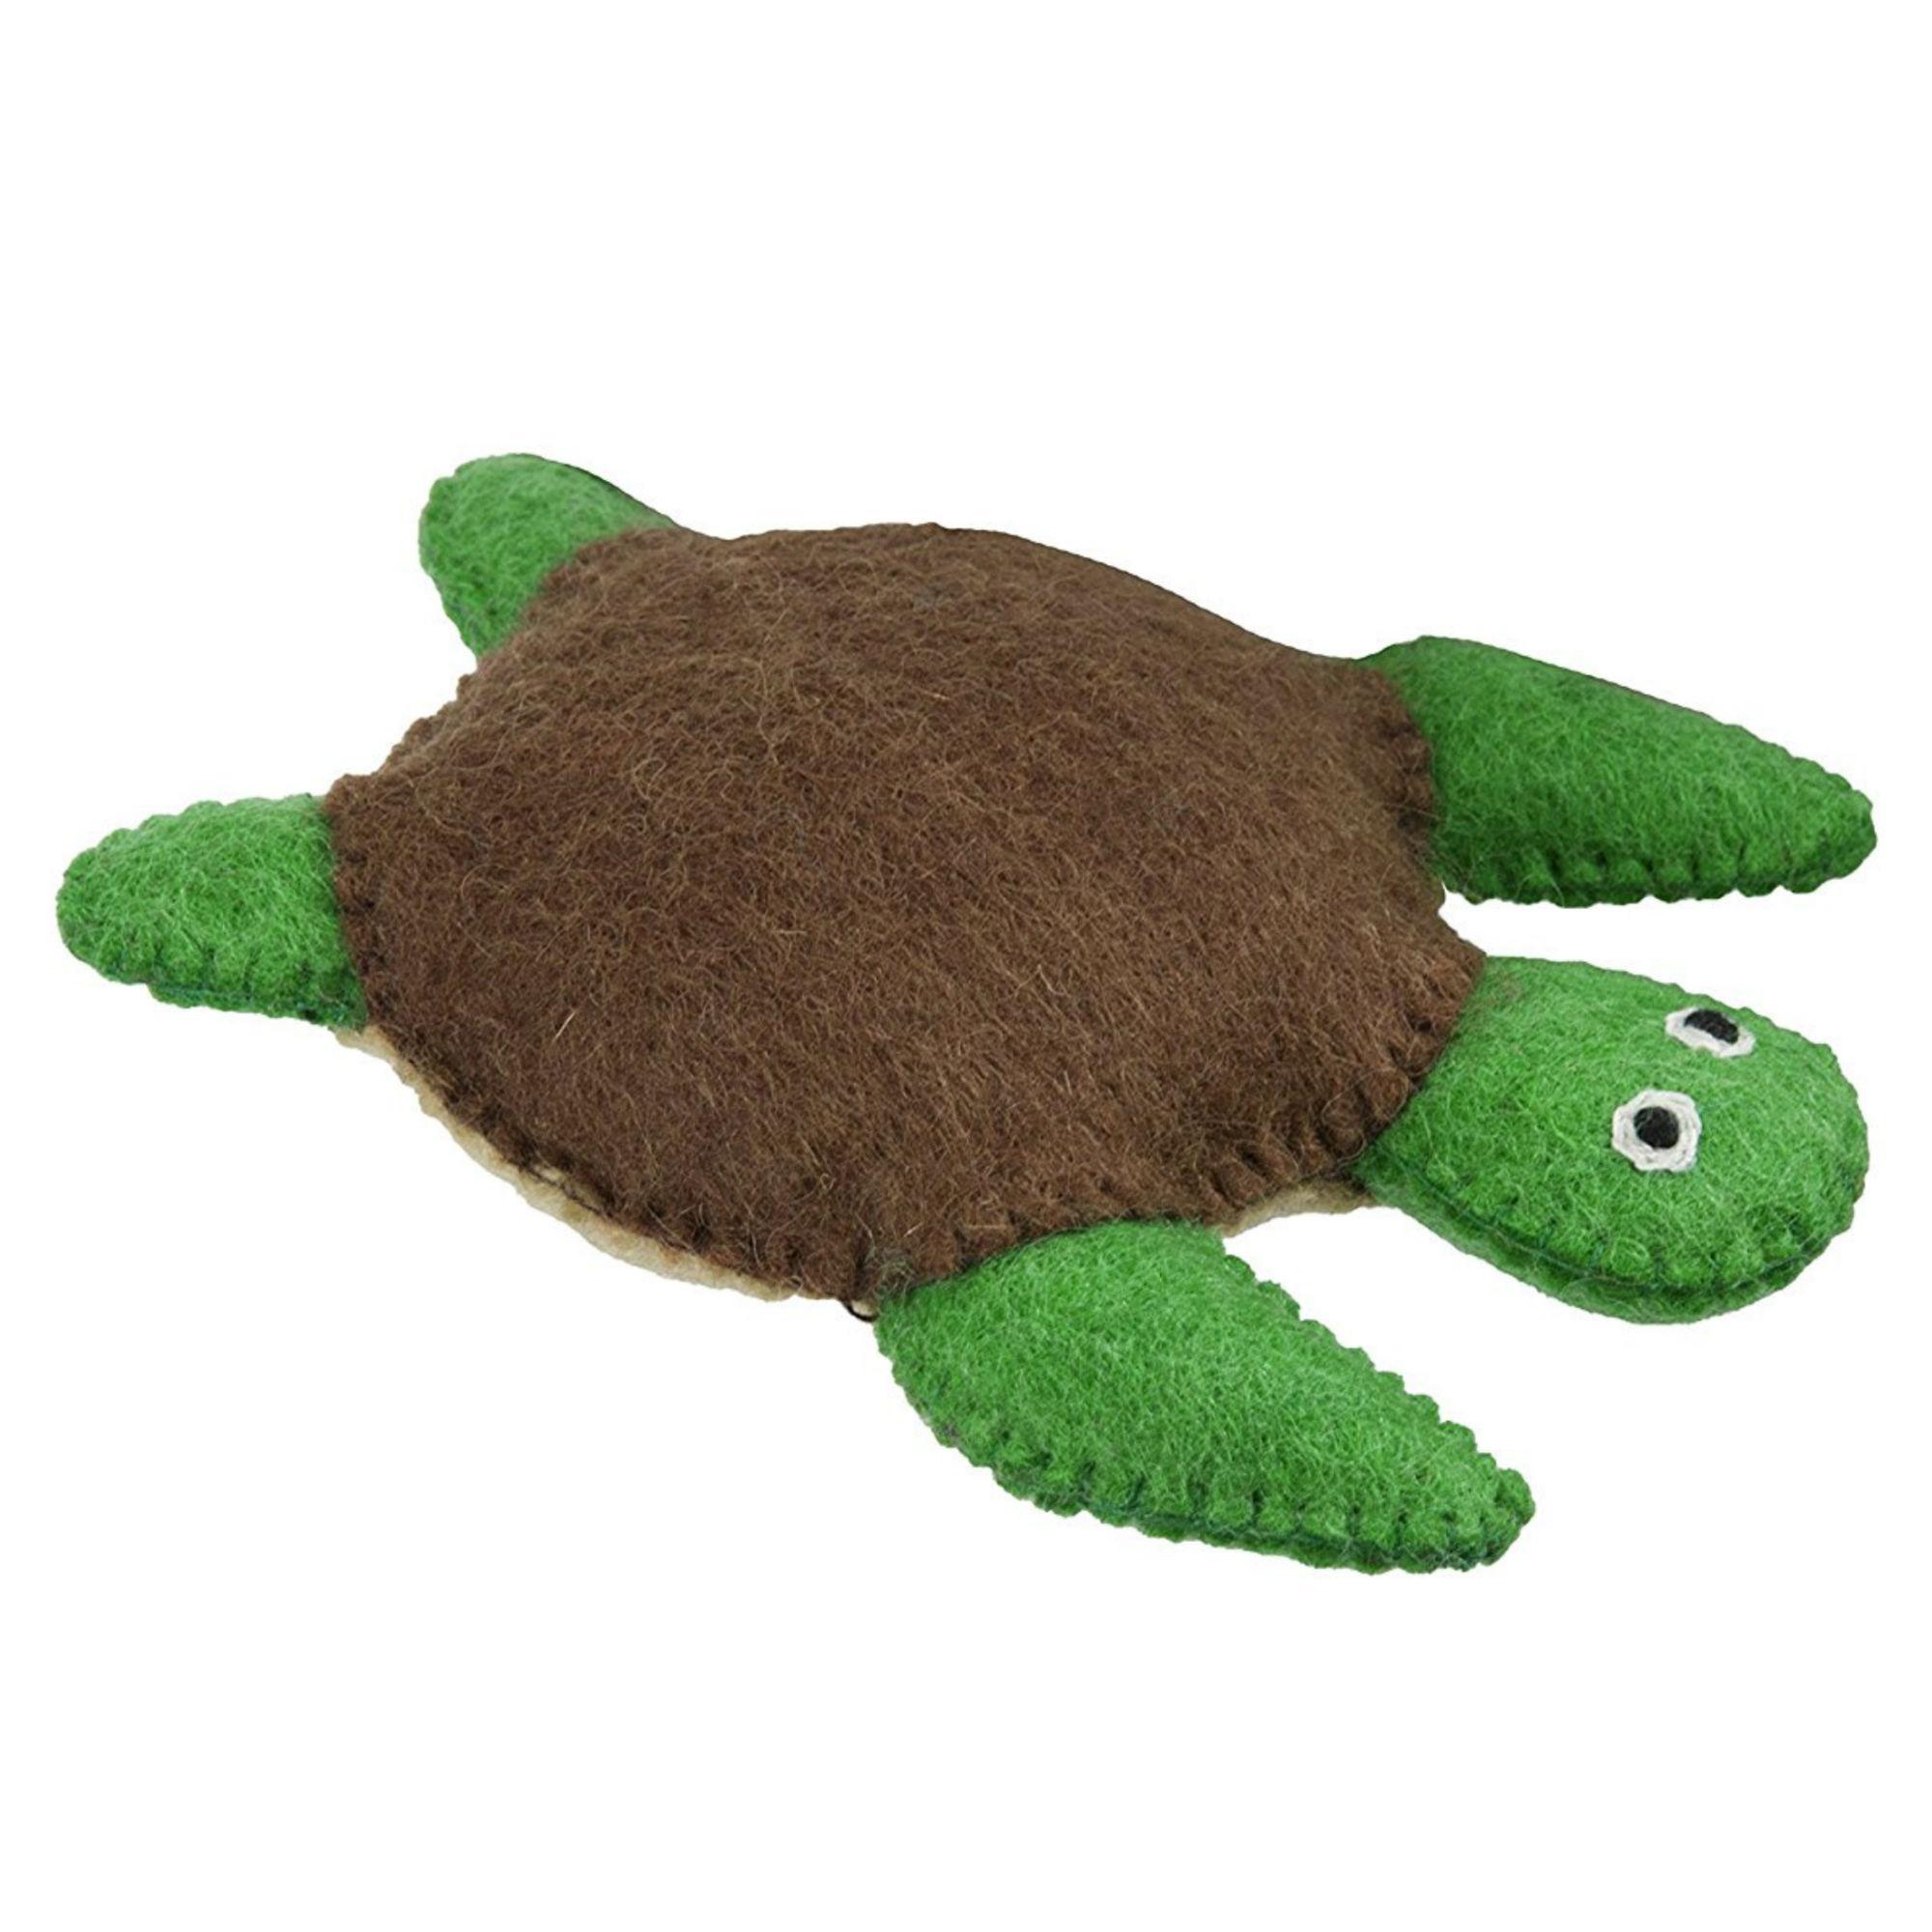 Wooly Wonkz Under The Sea Dog Toy - Turtle